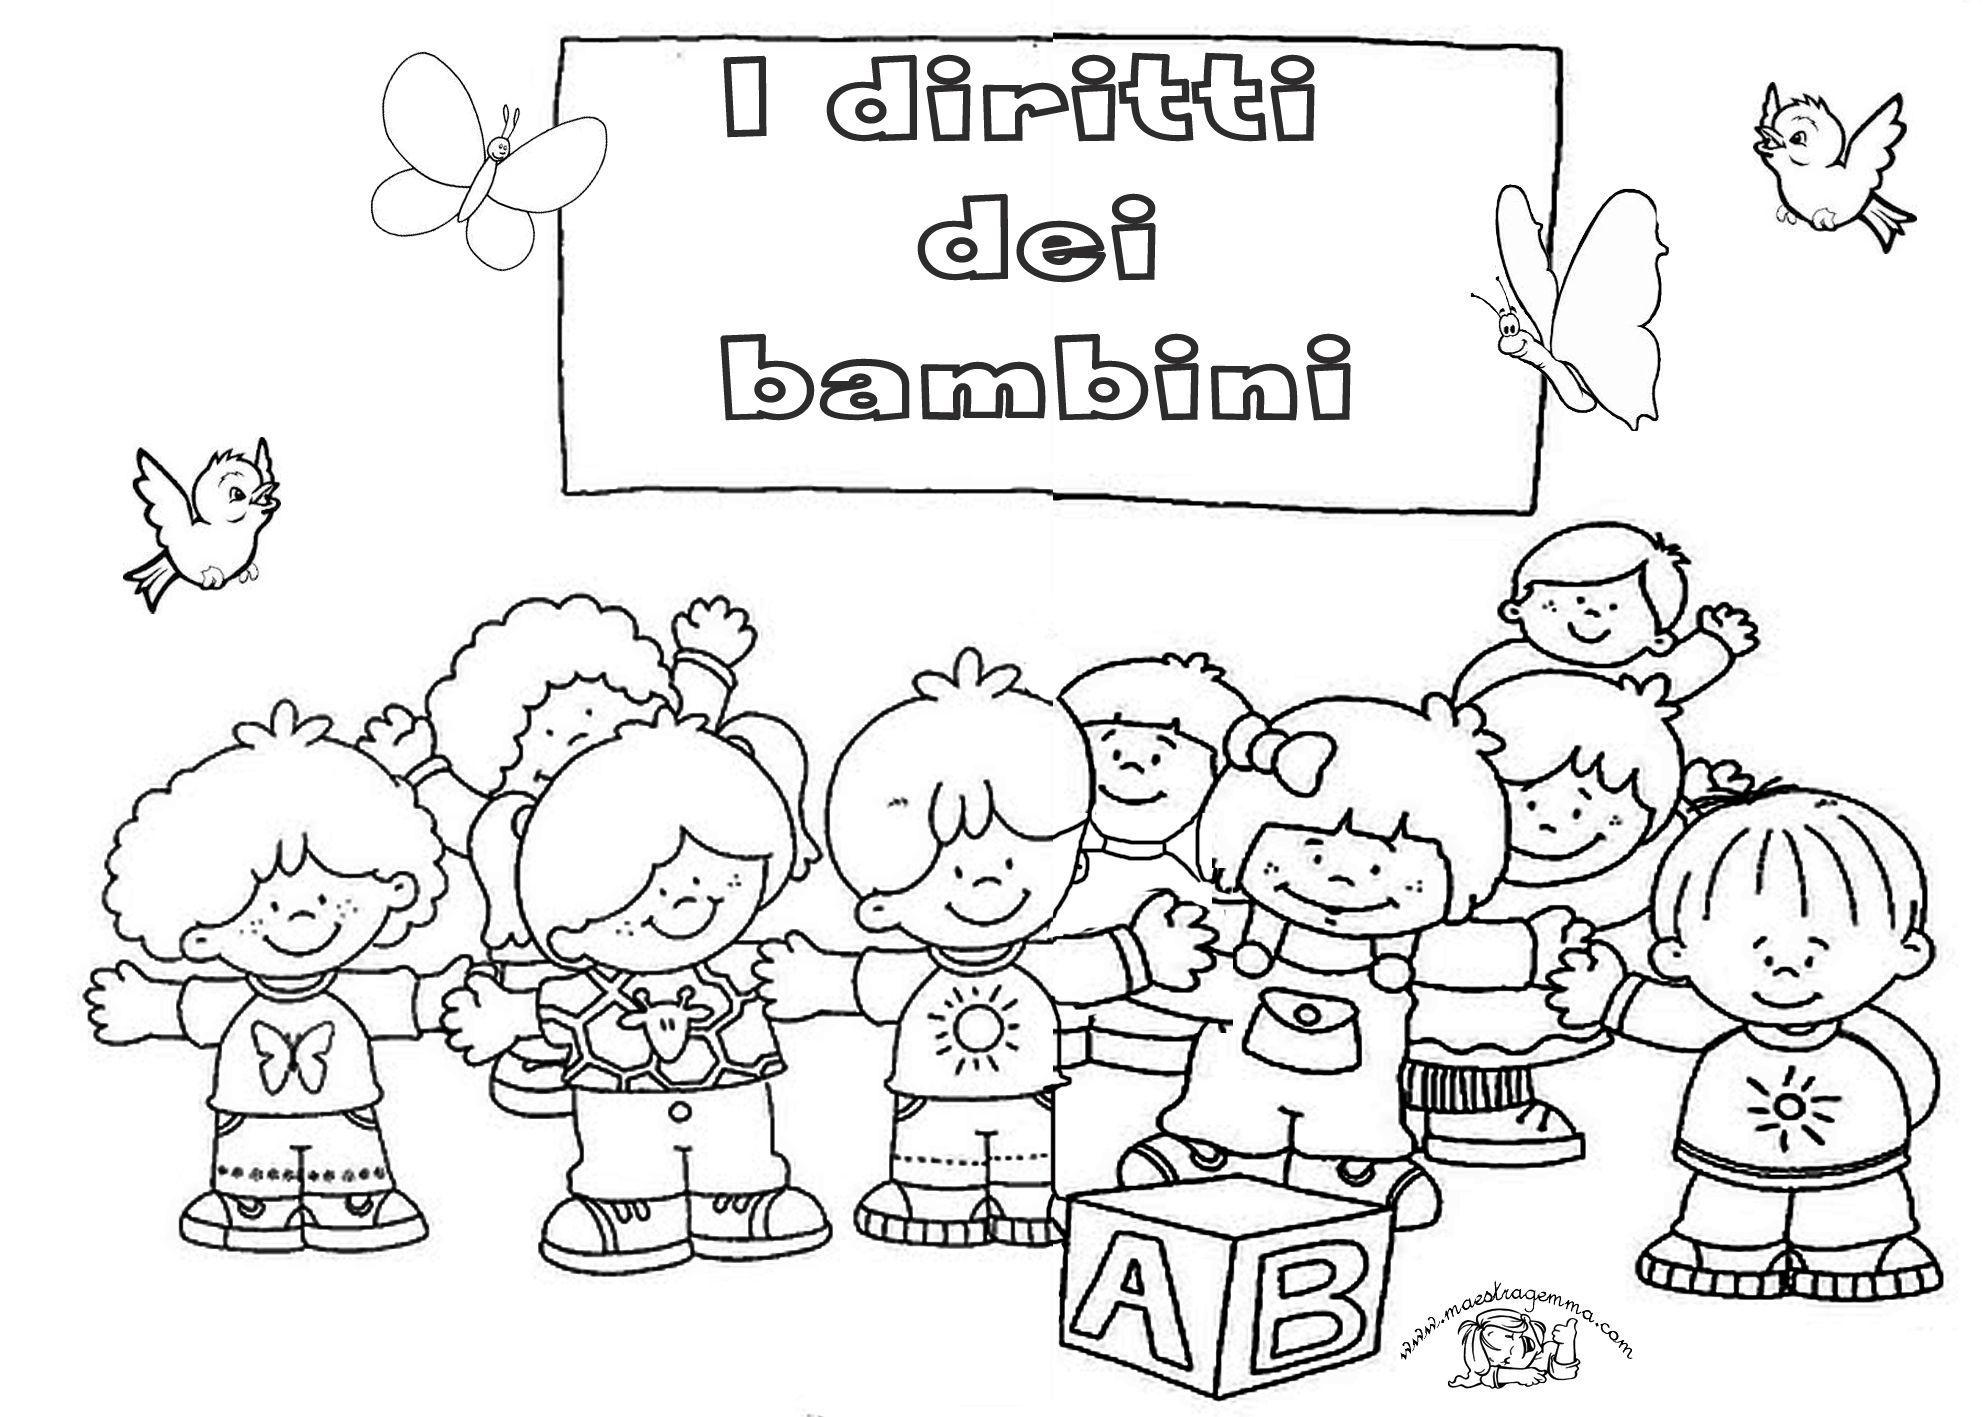 1984 1417 diritti dei bambini pinterest school for Maestra gemma diritti dei bambini